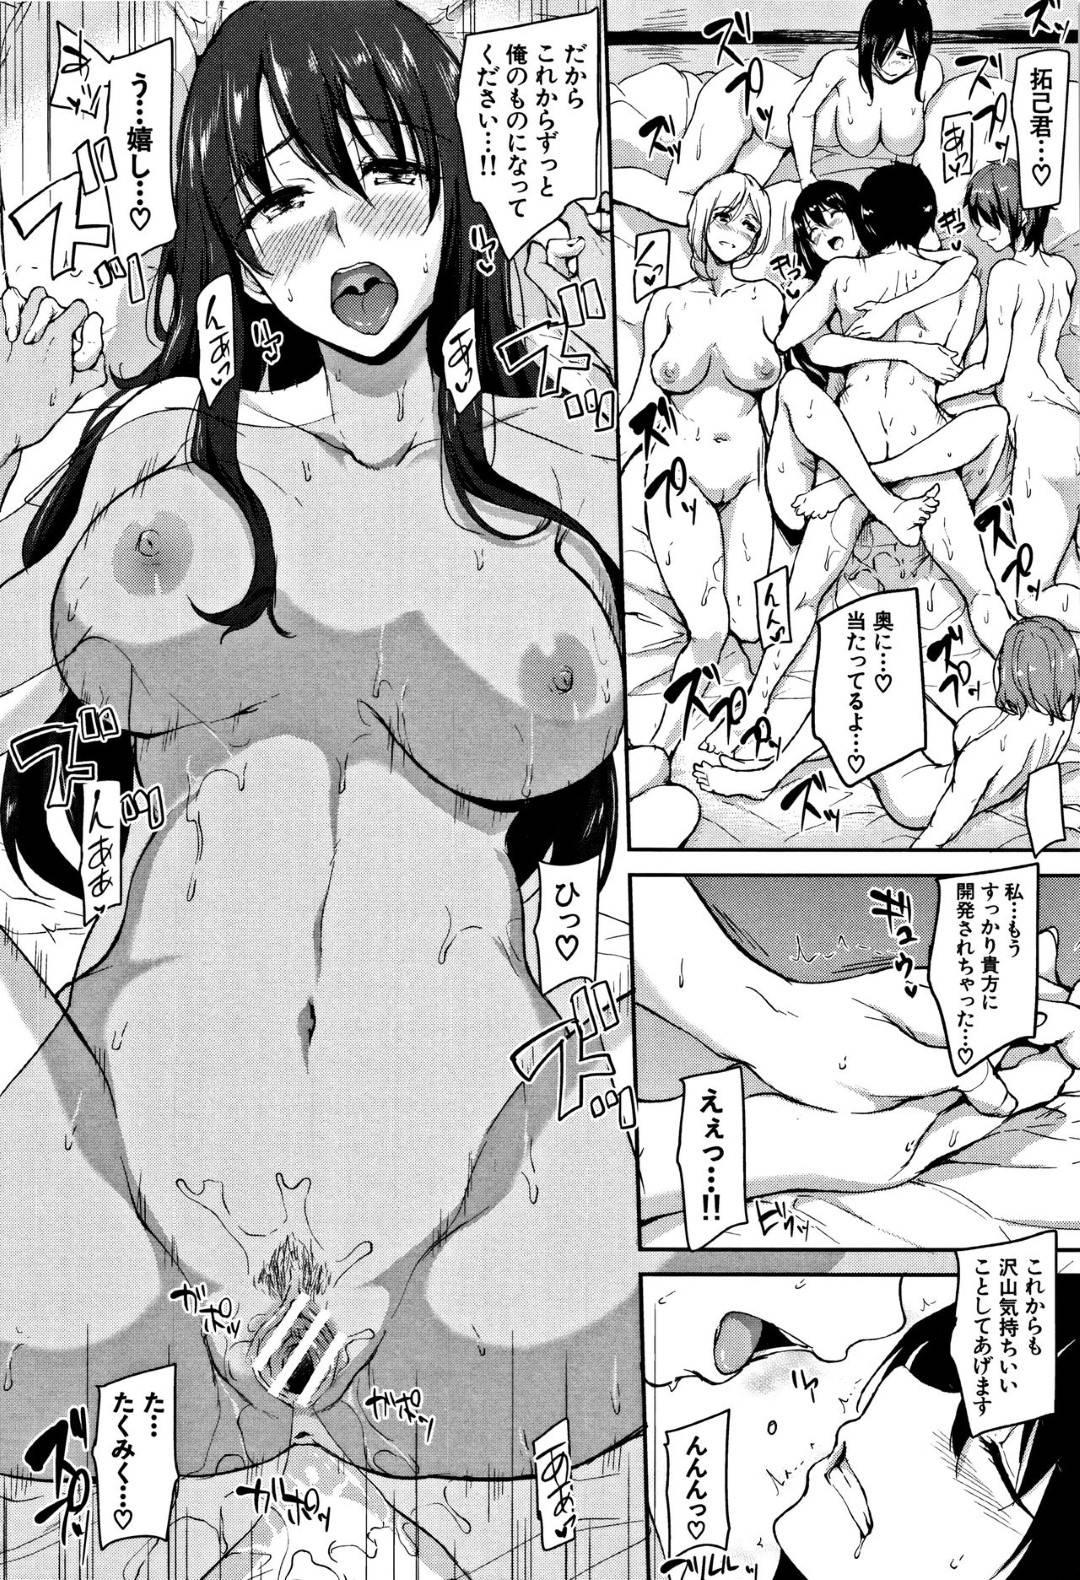 【エロ漫画】温泉旅館で6人の女性たちと次々とセックスしていく男。全員に中出ししまくってハーレムセックスする夢のようなひとときを過ごす!